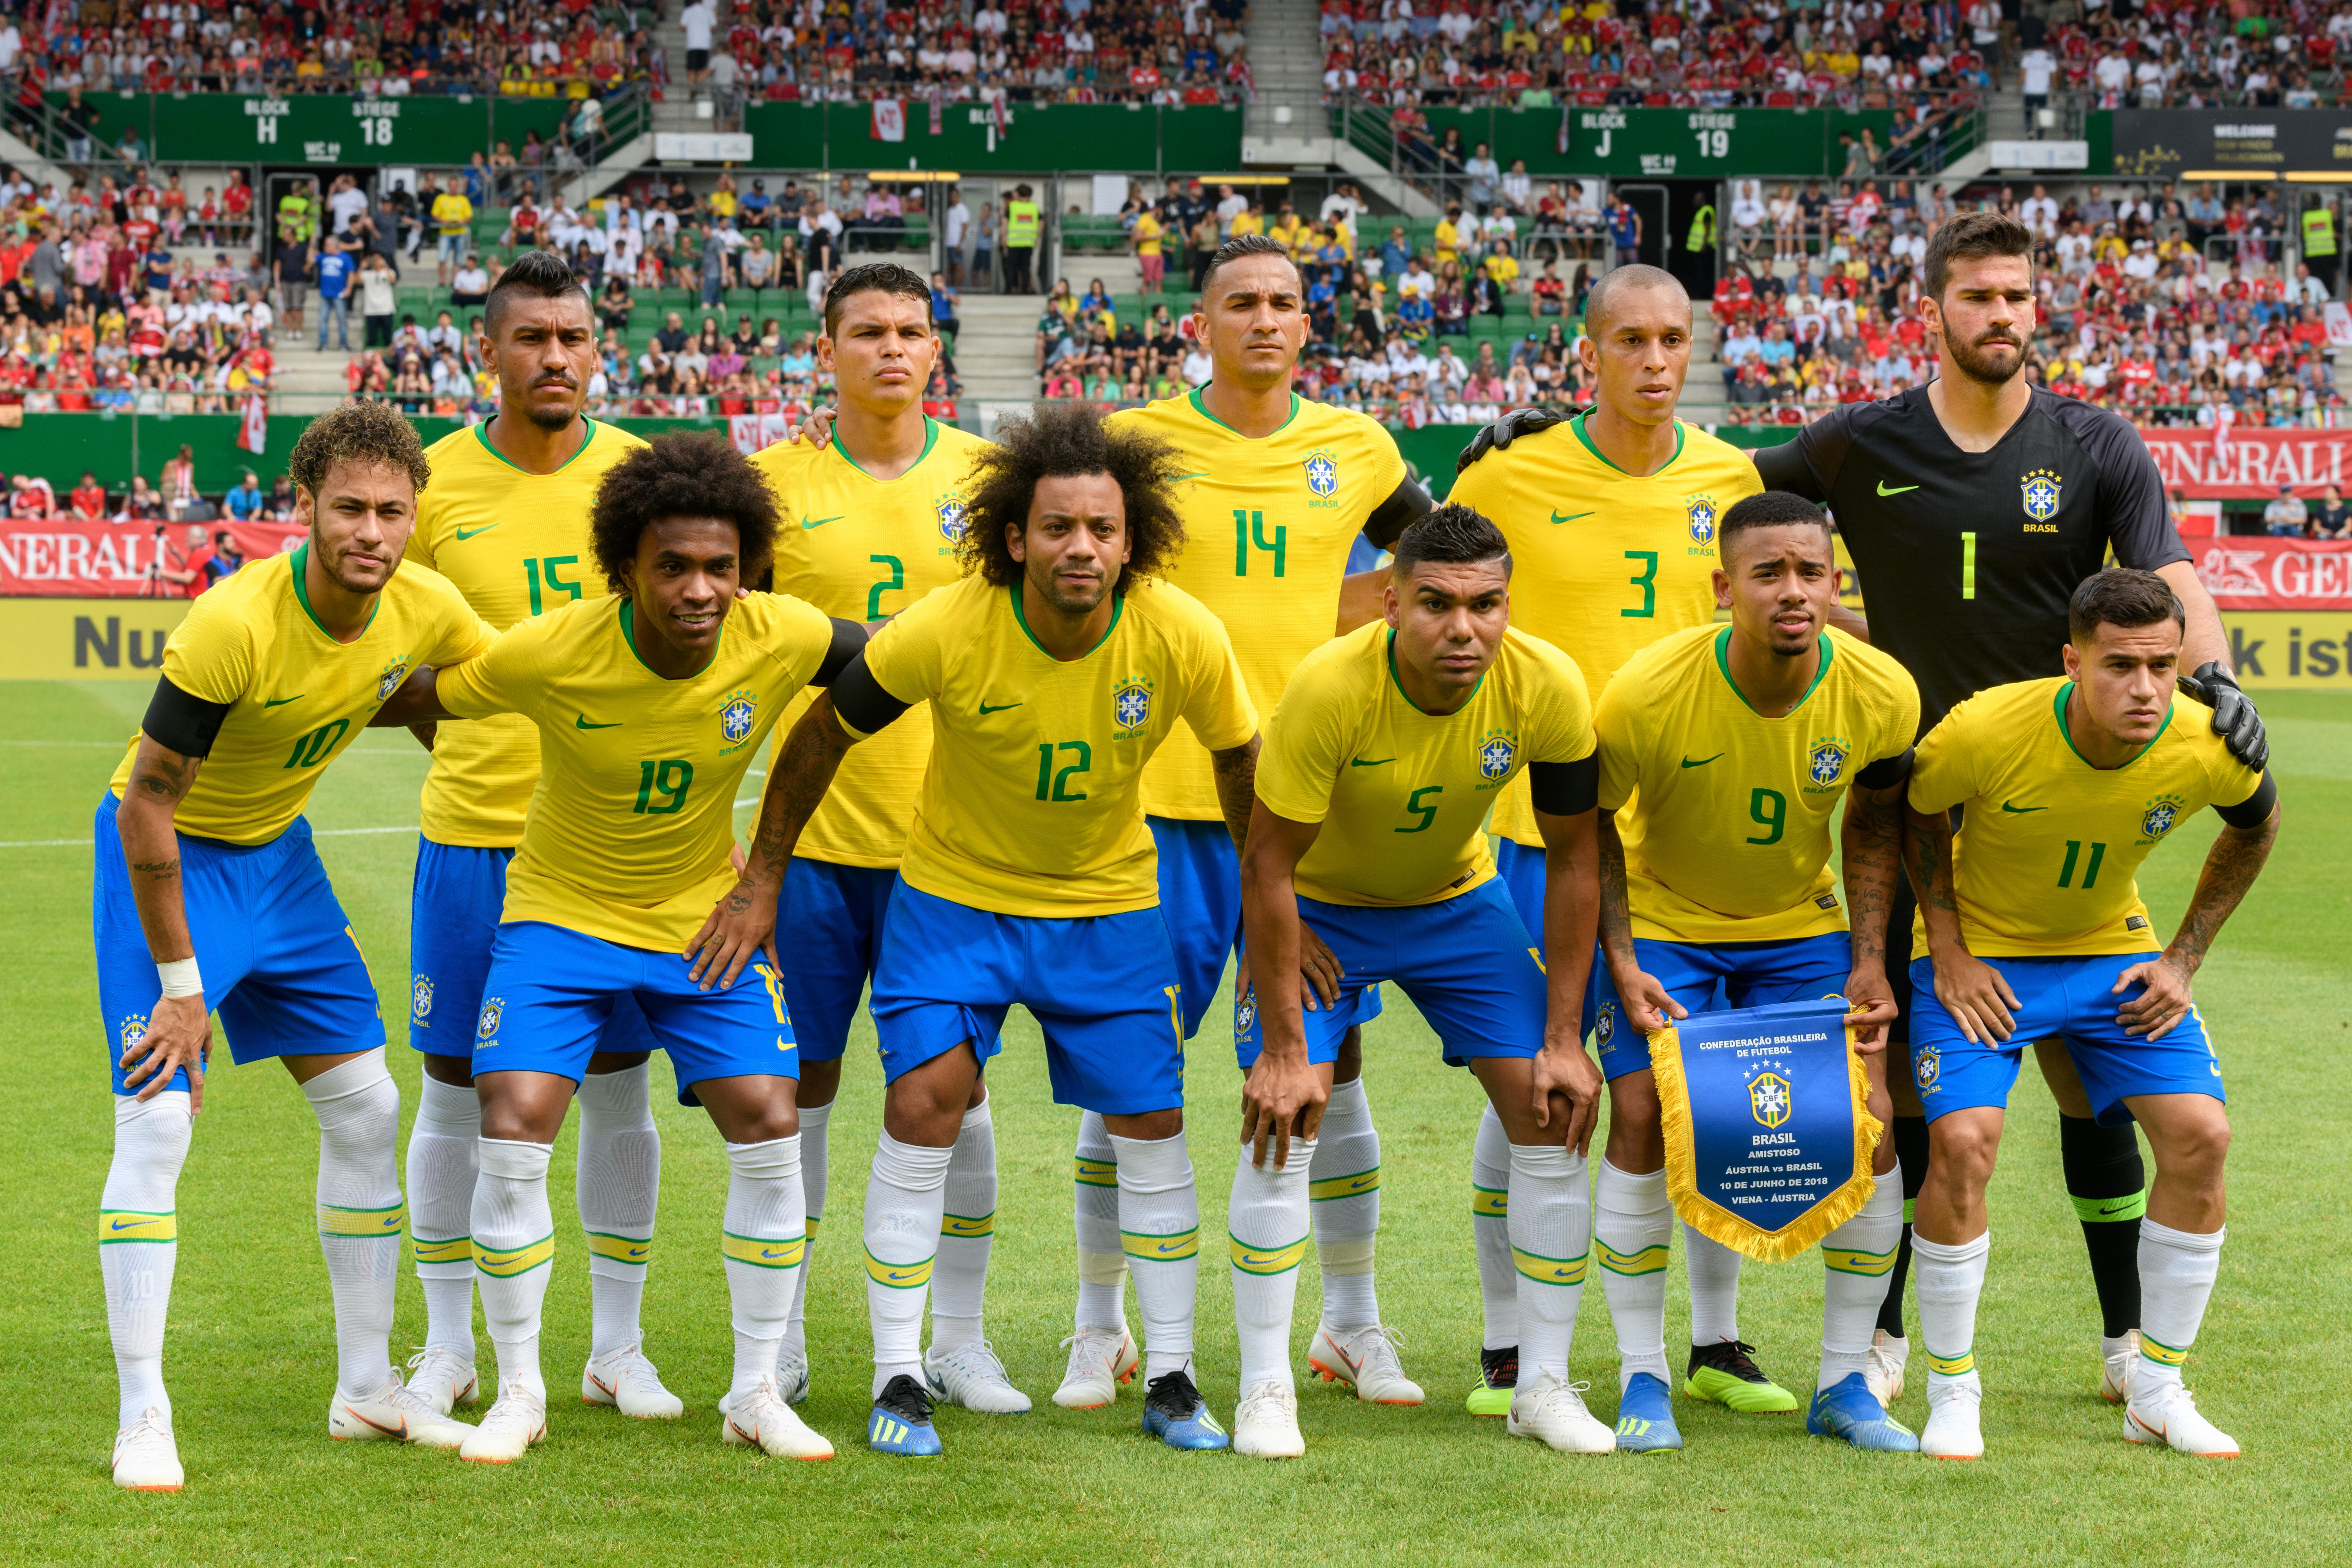 Seleção Brasileira de Futebol - Wikiwand 7c1c251a3b23b